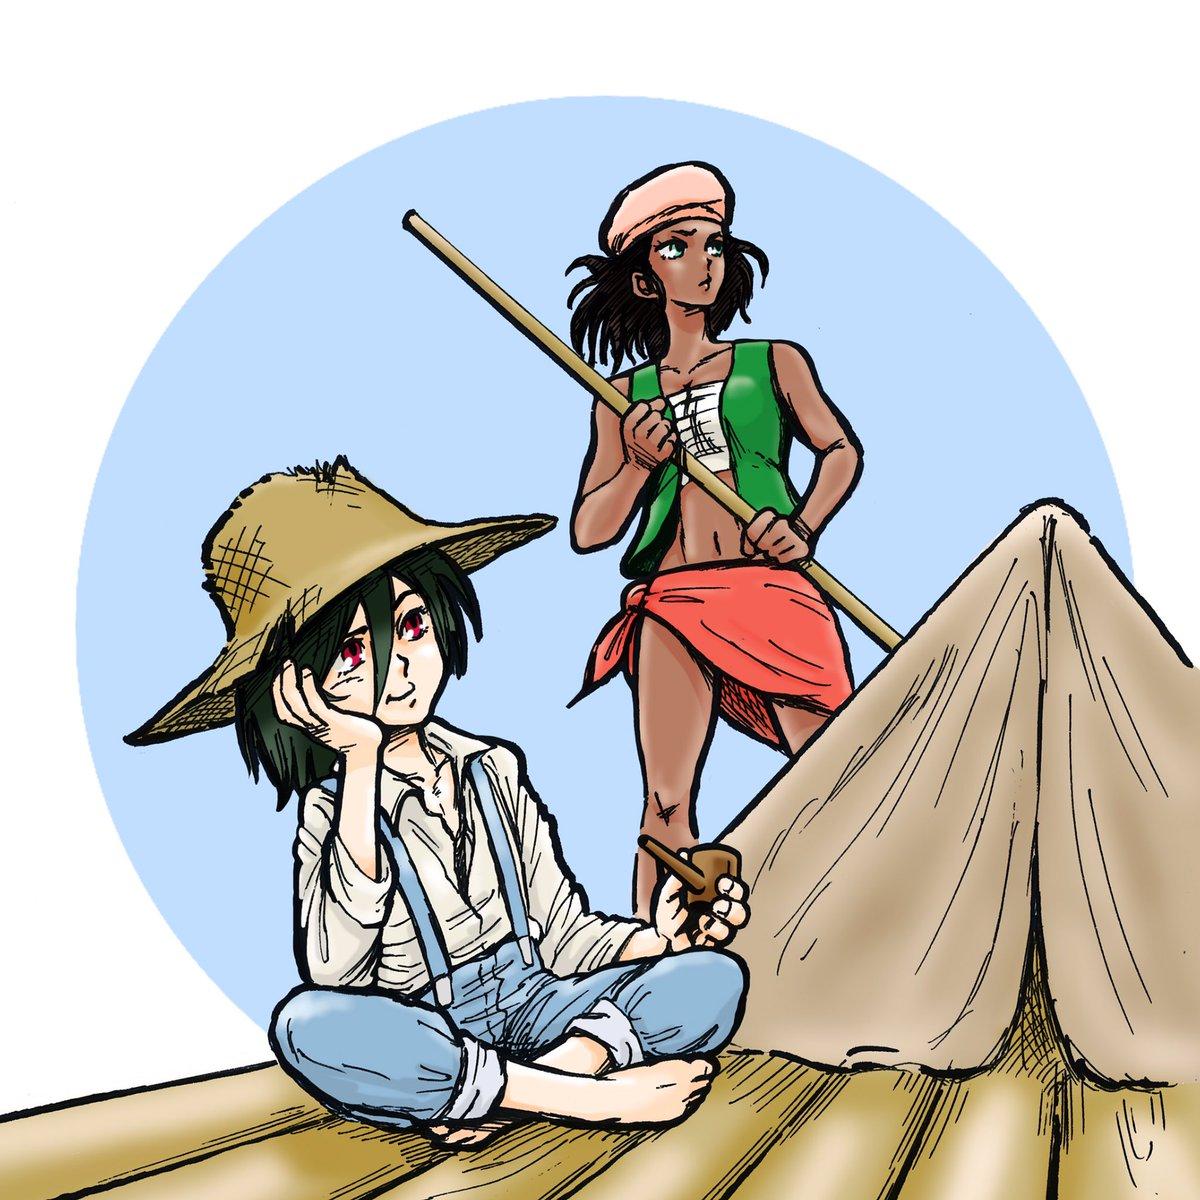 8月9日はハック…でハックルベリーフィンの冒険ならぬ、ハックルベルリフィンの冒険を^_^相棒は奴隷ジムじゃなく褐色美人ス